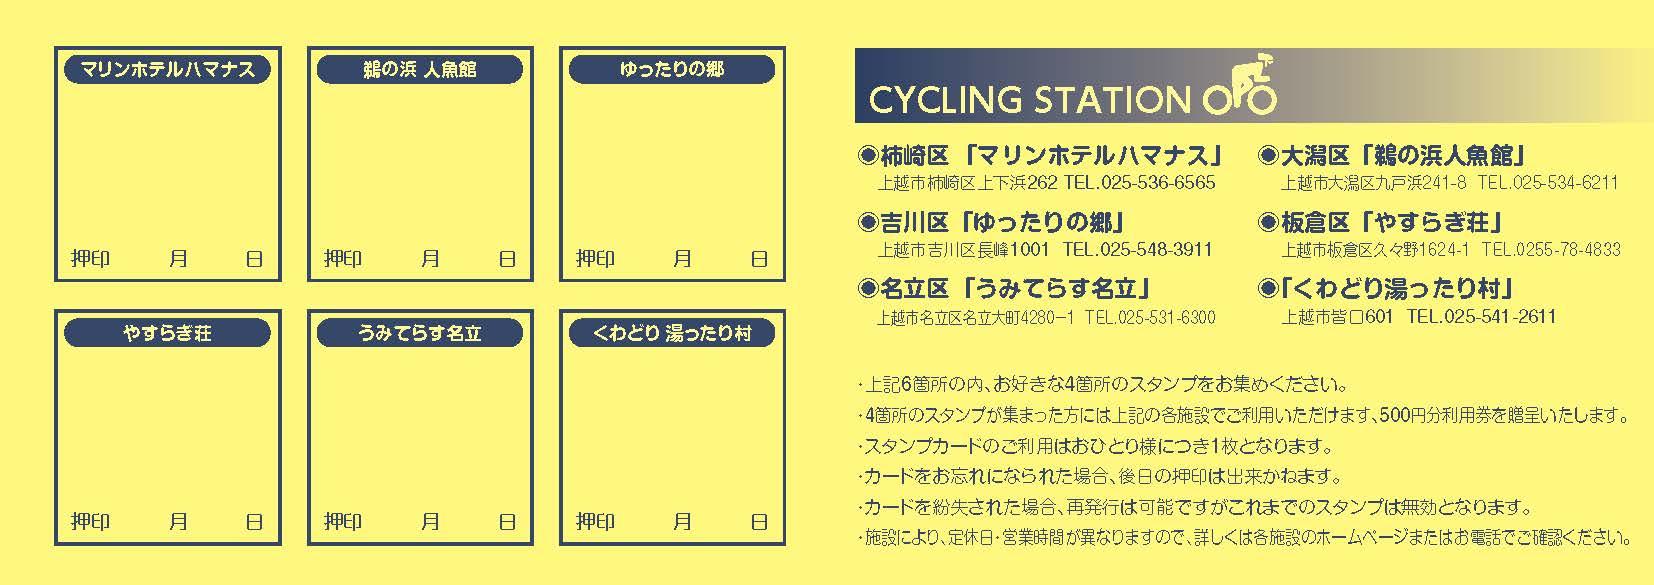 2021.4Jサイクリングカード両面_ページ_2